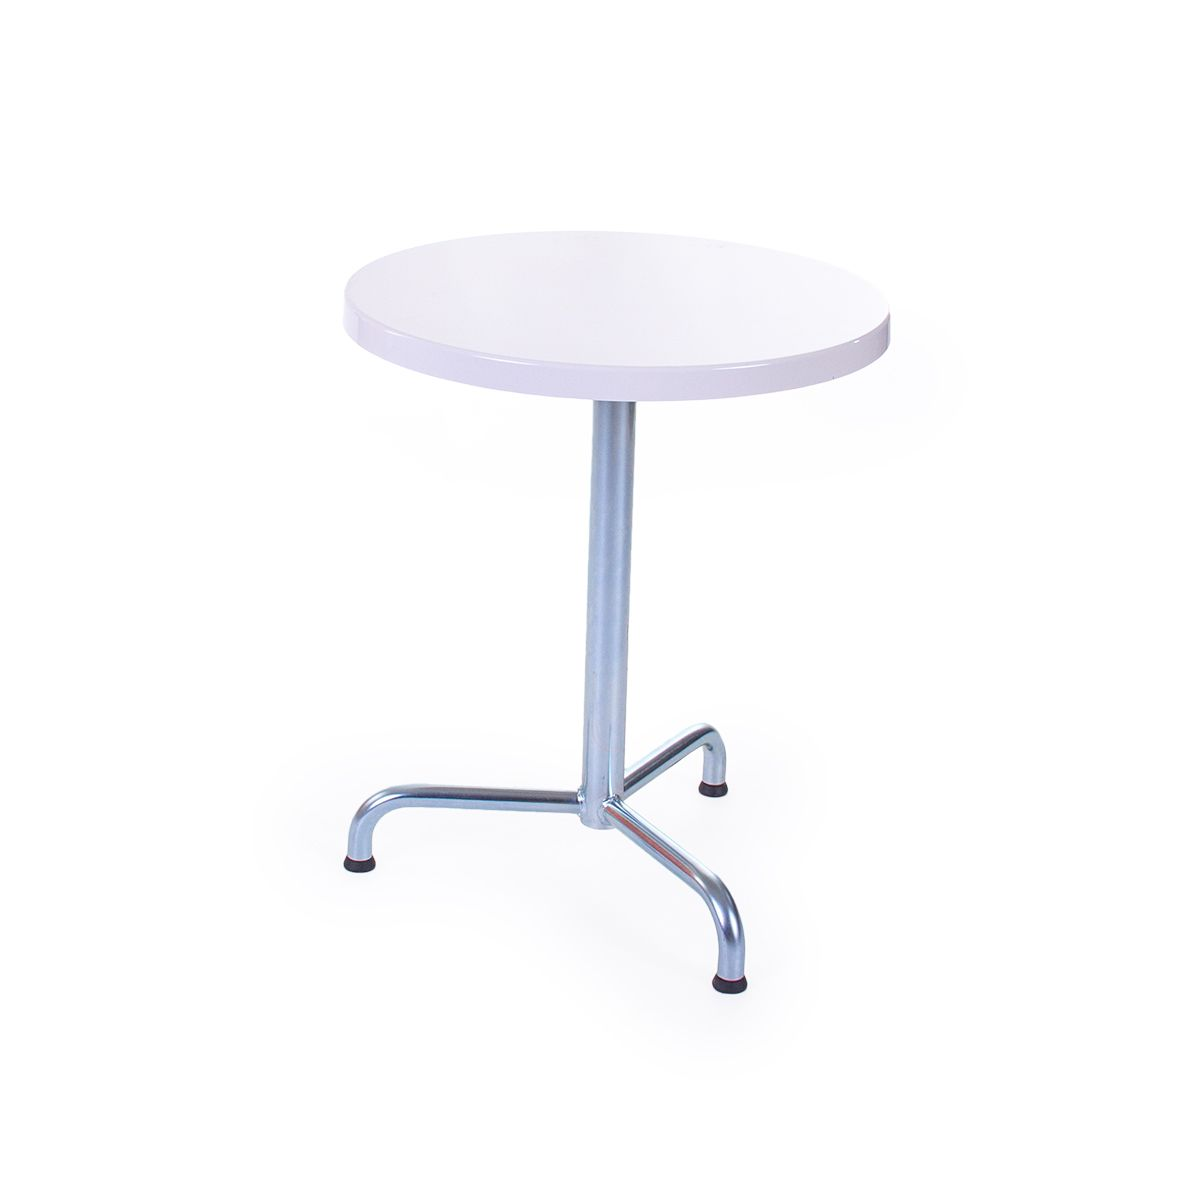 GFK Tisch weiss, glanz, Untergestell galvanisch, 3-Stern Retro, D 60 x 3.5 cm, H 73 cm